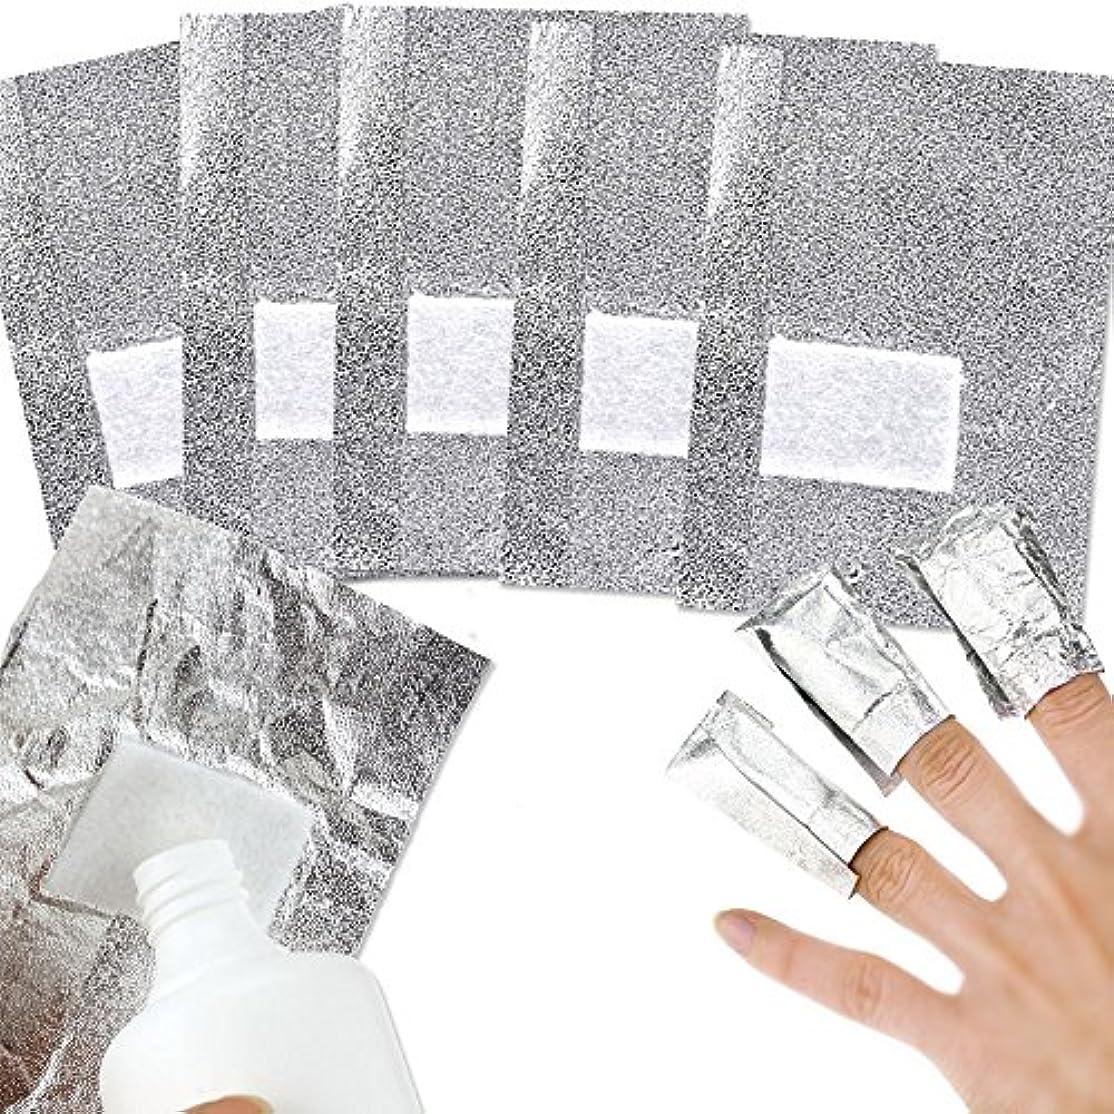 ビート将来の記事UVジェル リムーバーパッド 100枚入り ネイルポリッシュをきれいにオフする コットン付きアルミホイル ジェル除却 使い捨て 爪マニキュア用品 Pichidr